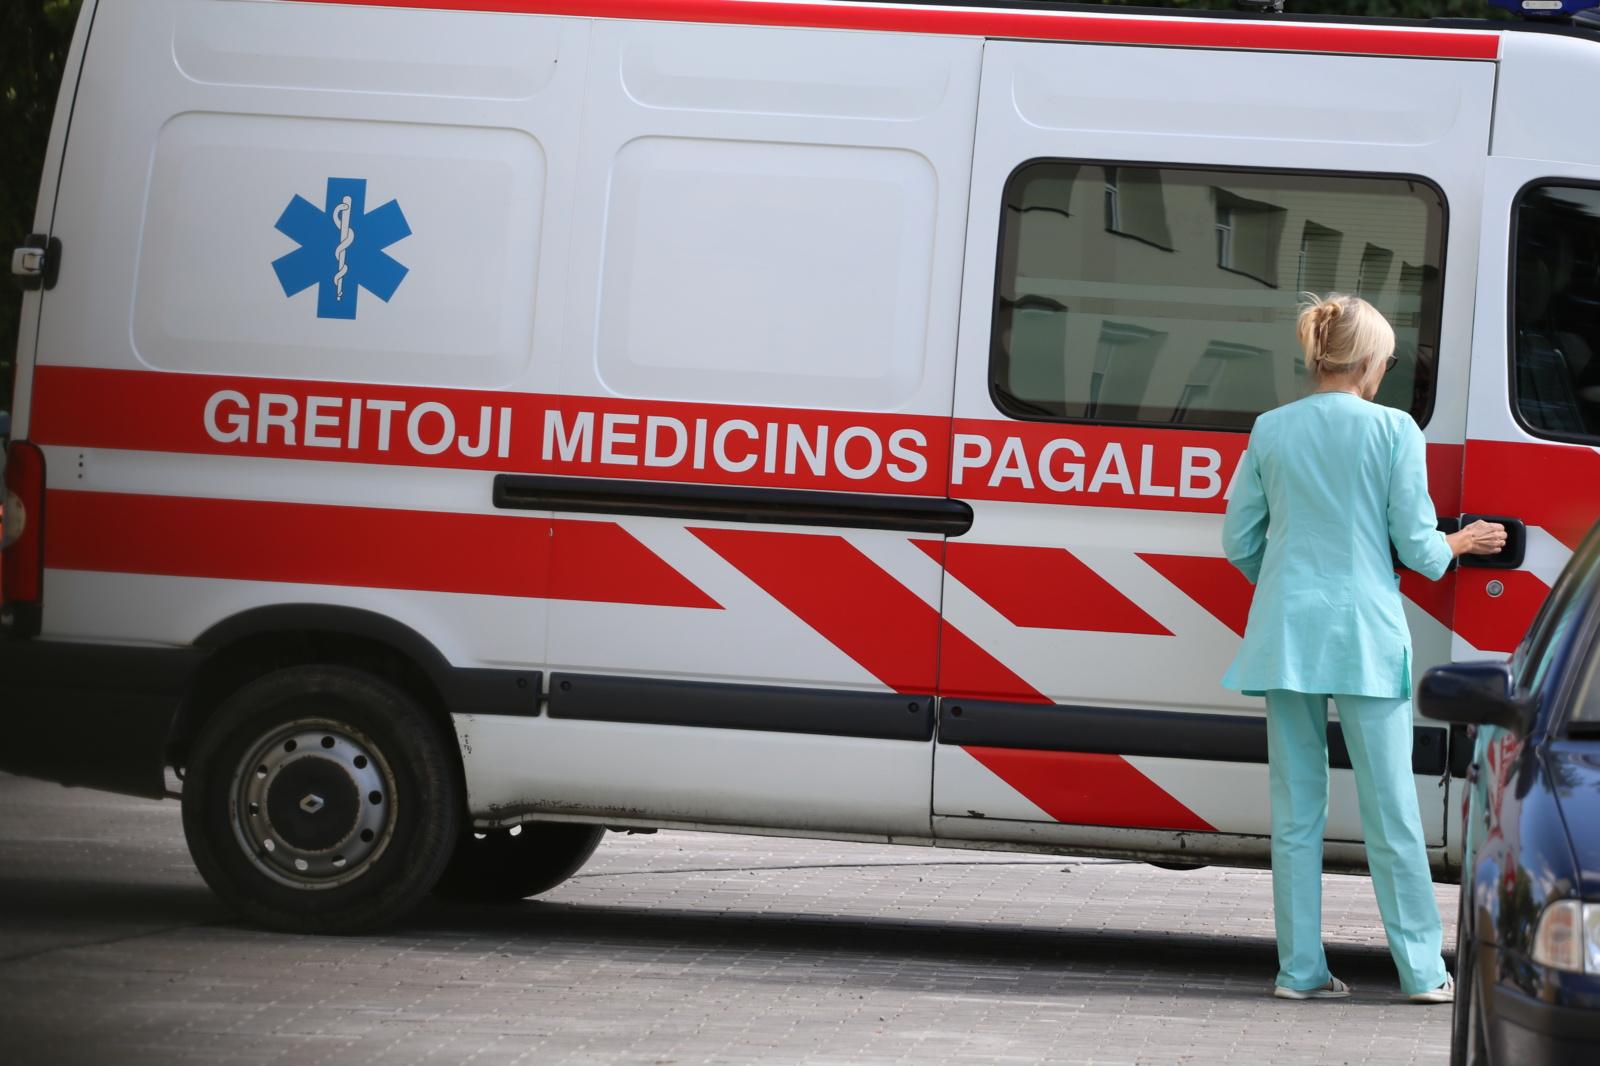 Vilniuje ant kelio nuvirtęs medis apgadino važiuojantį automobilį, vairuotojas ligoninėje